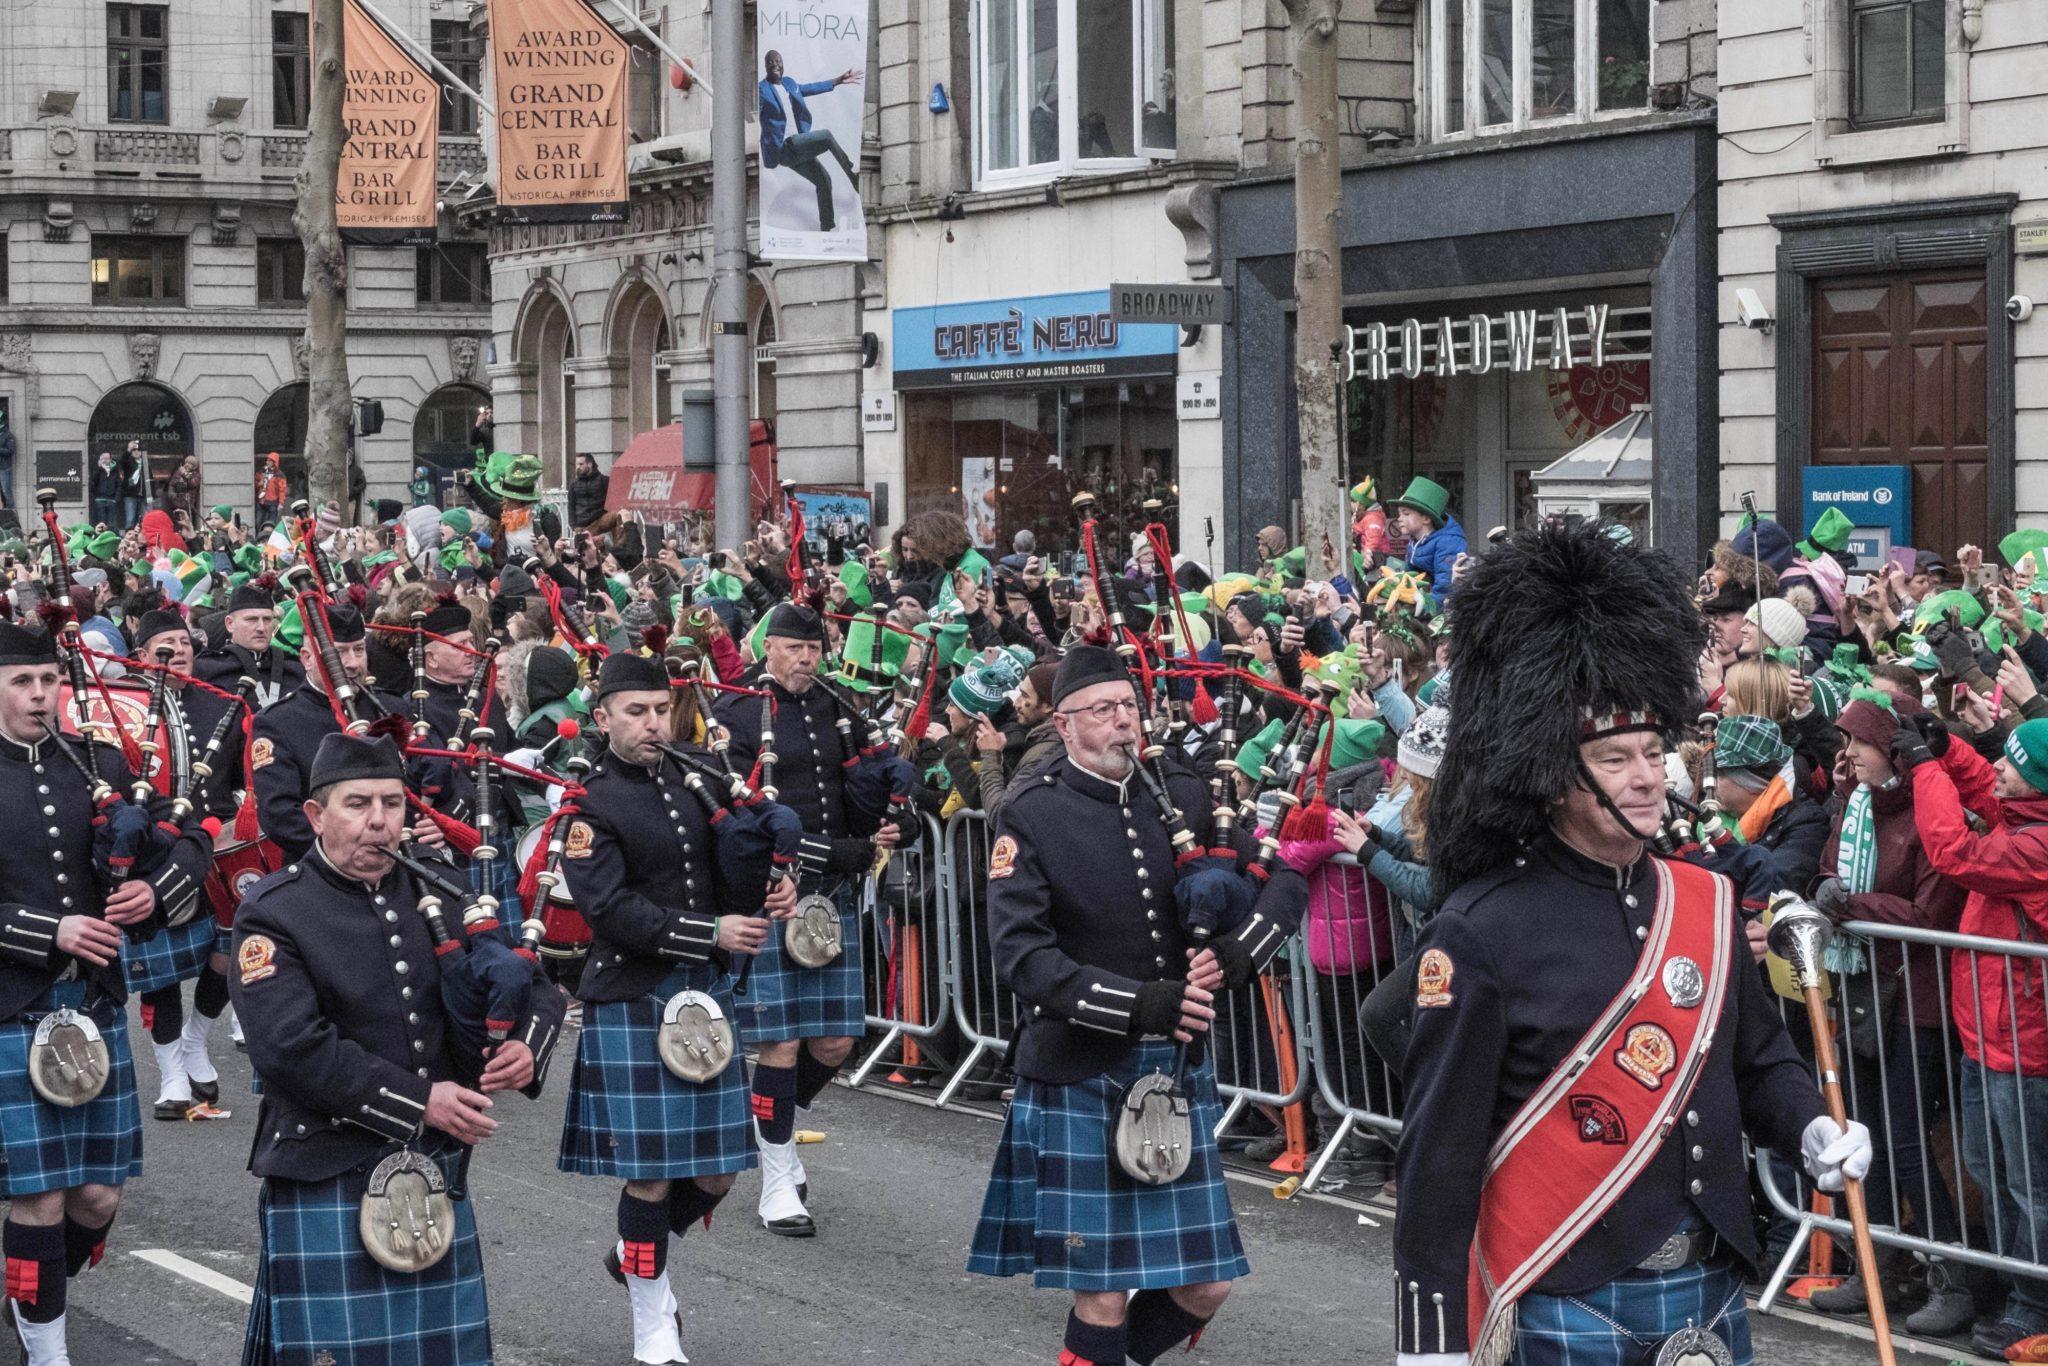 St. Patrick's Day in Dublin: Ganze Marschorchester machen bei der Parade Party